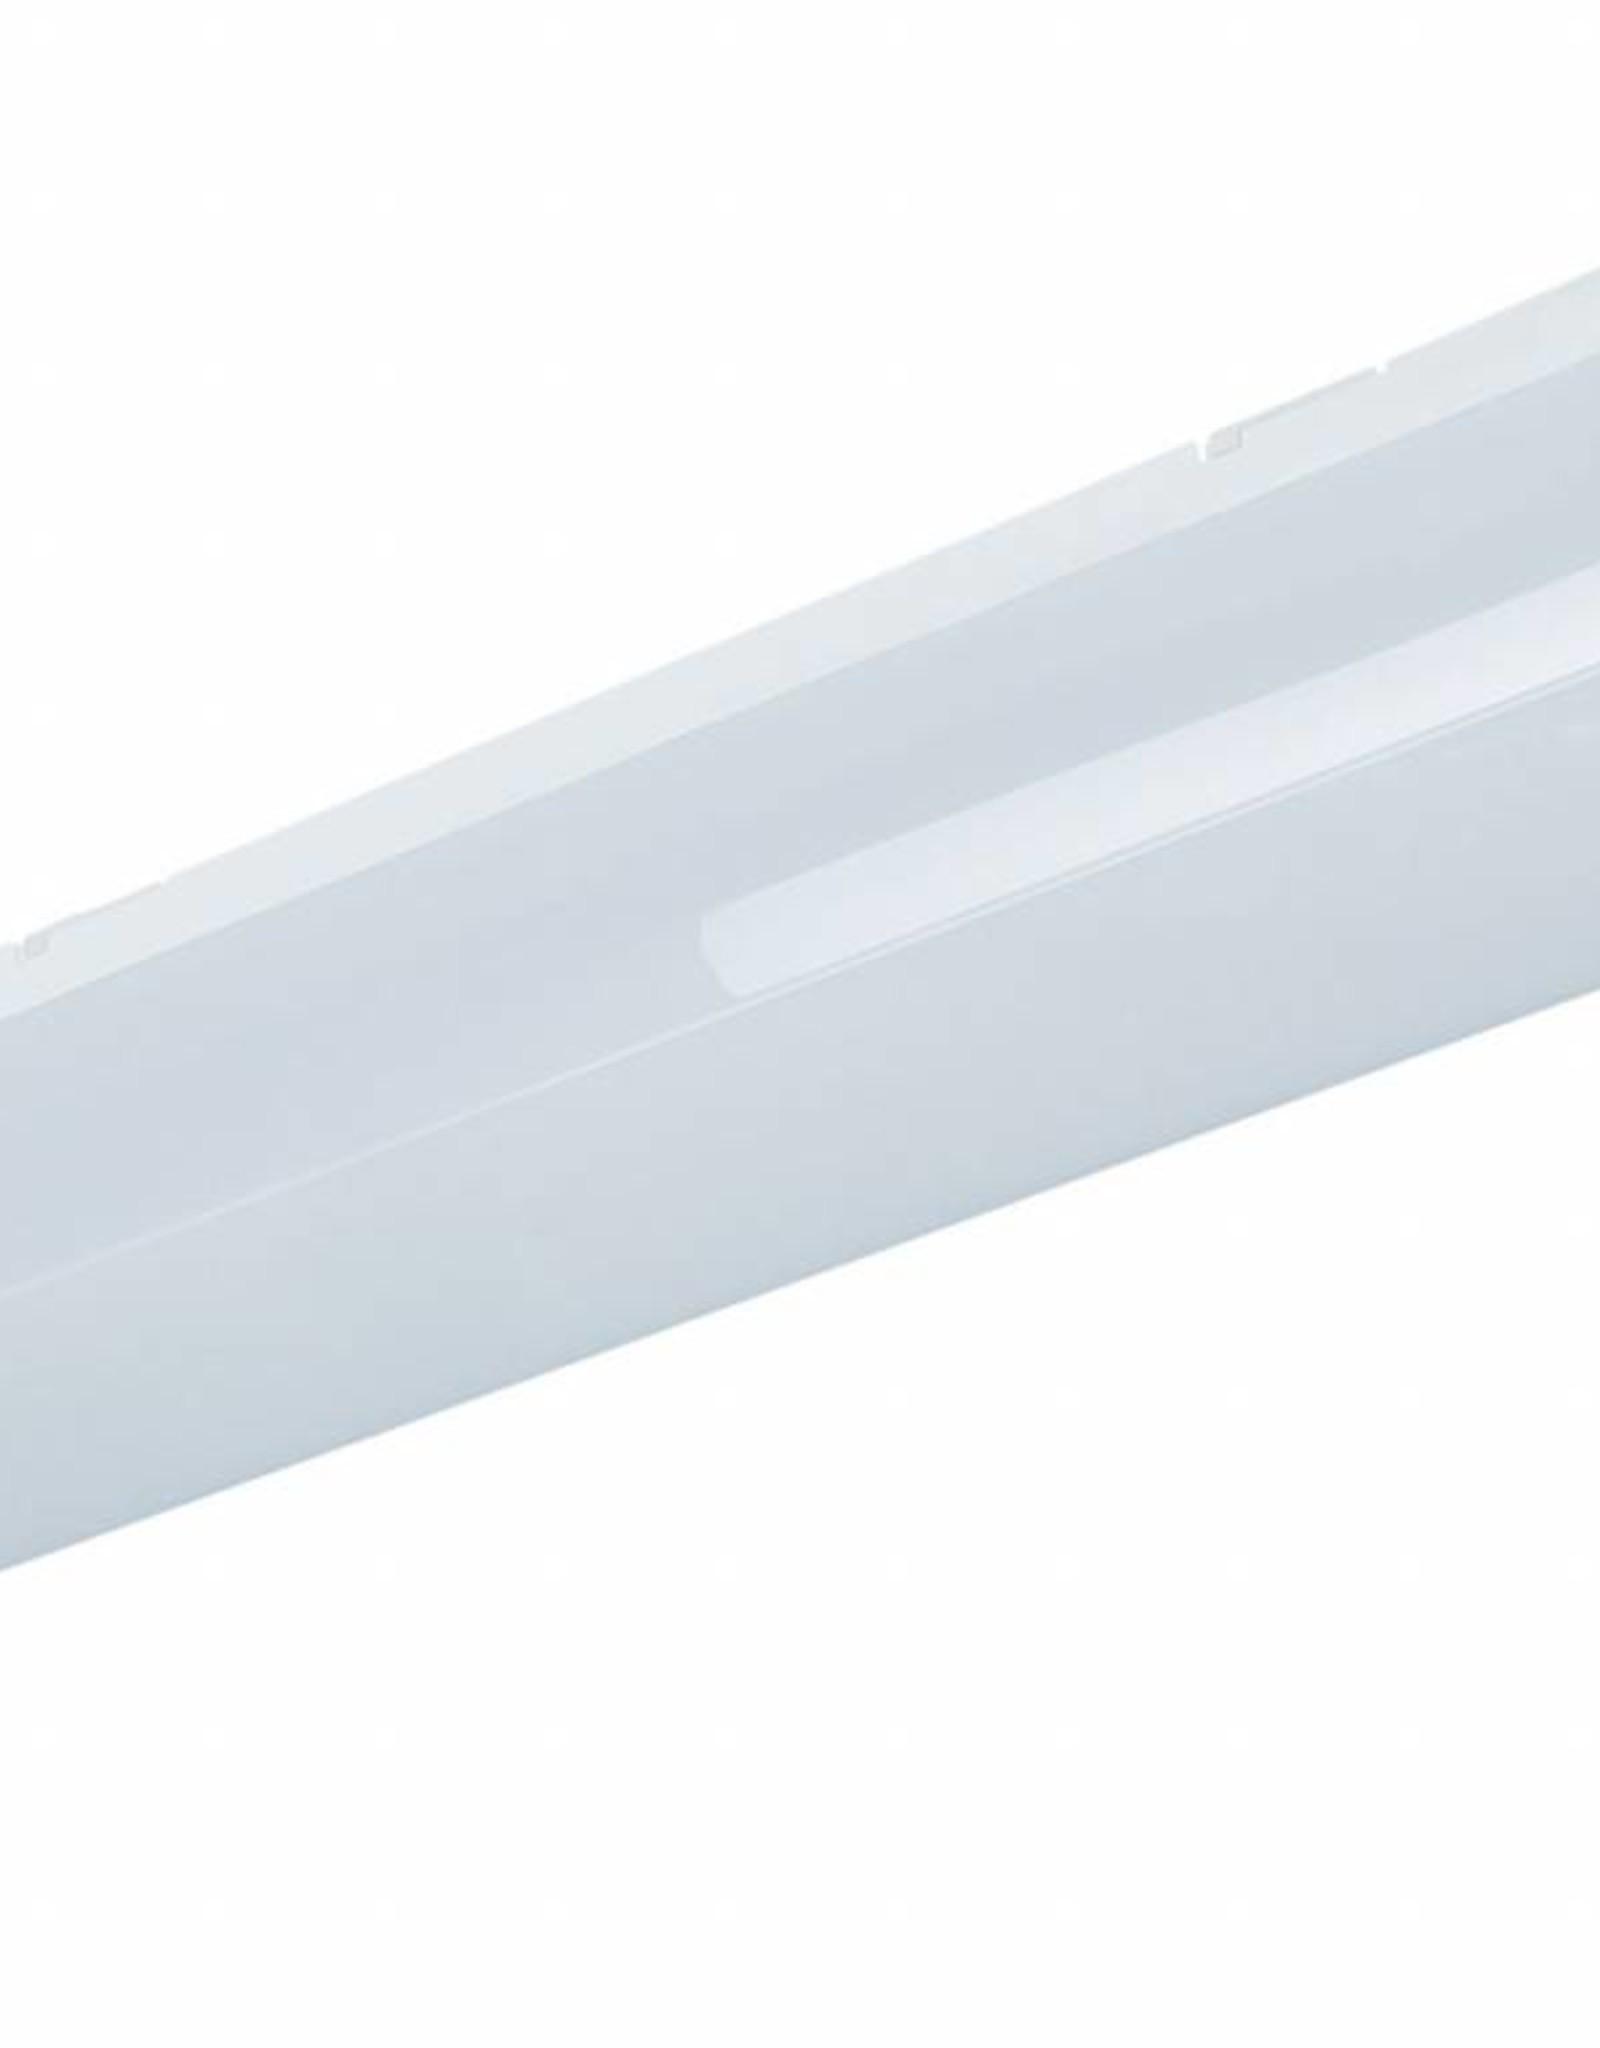 Linea 2.4ft 5200/840